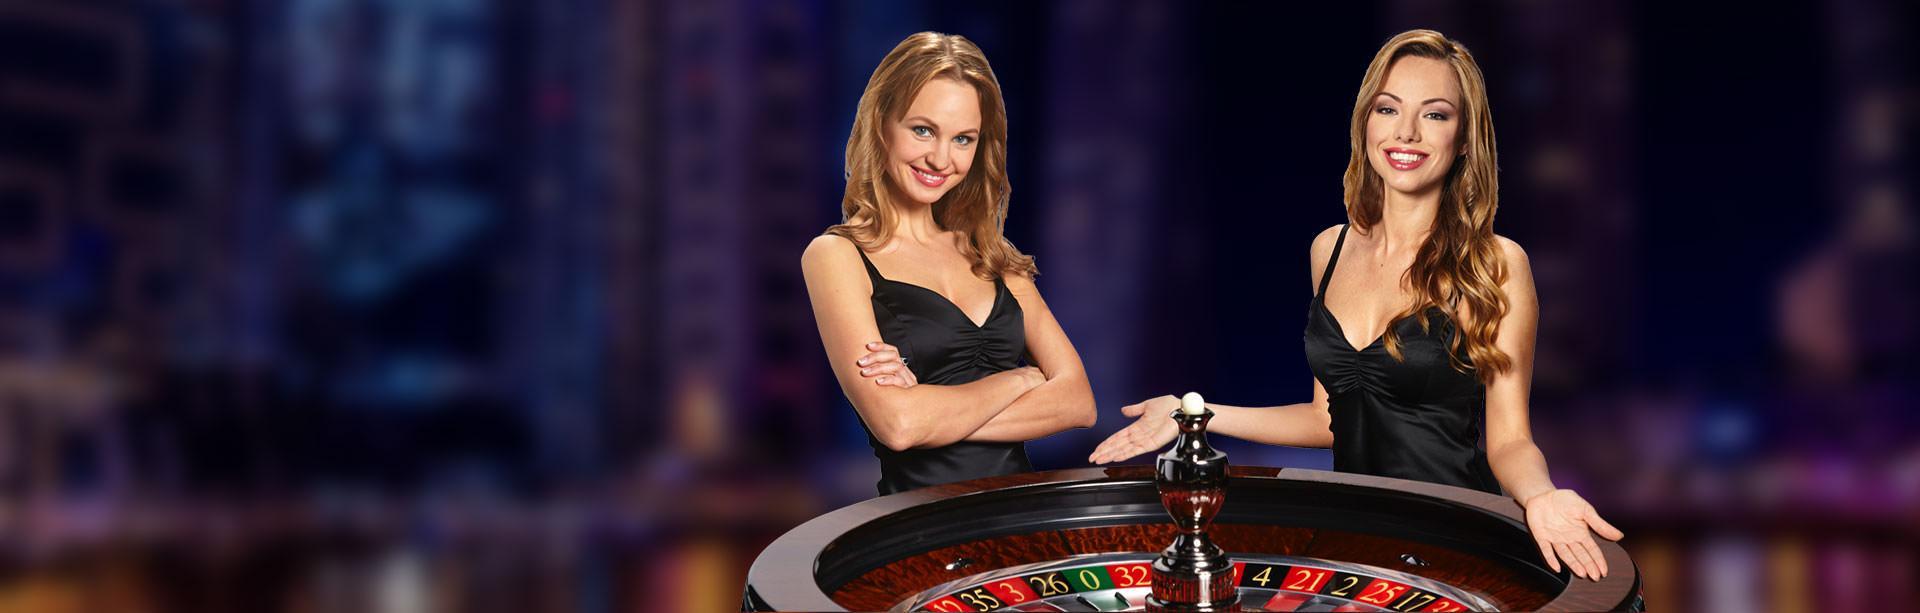 Apa Keuntungan Bermain di Casino Online?